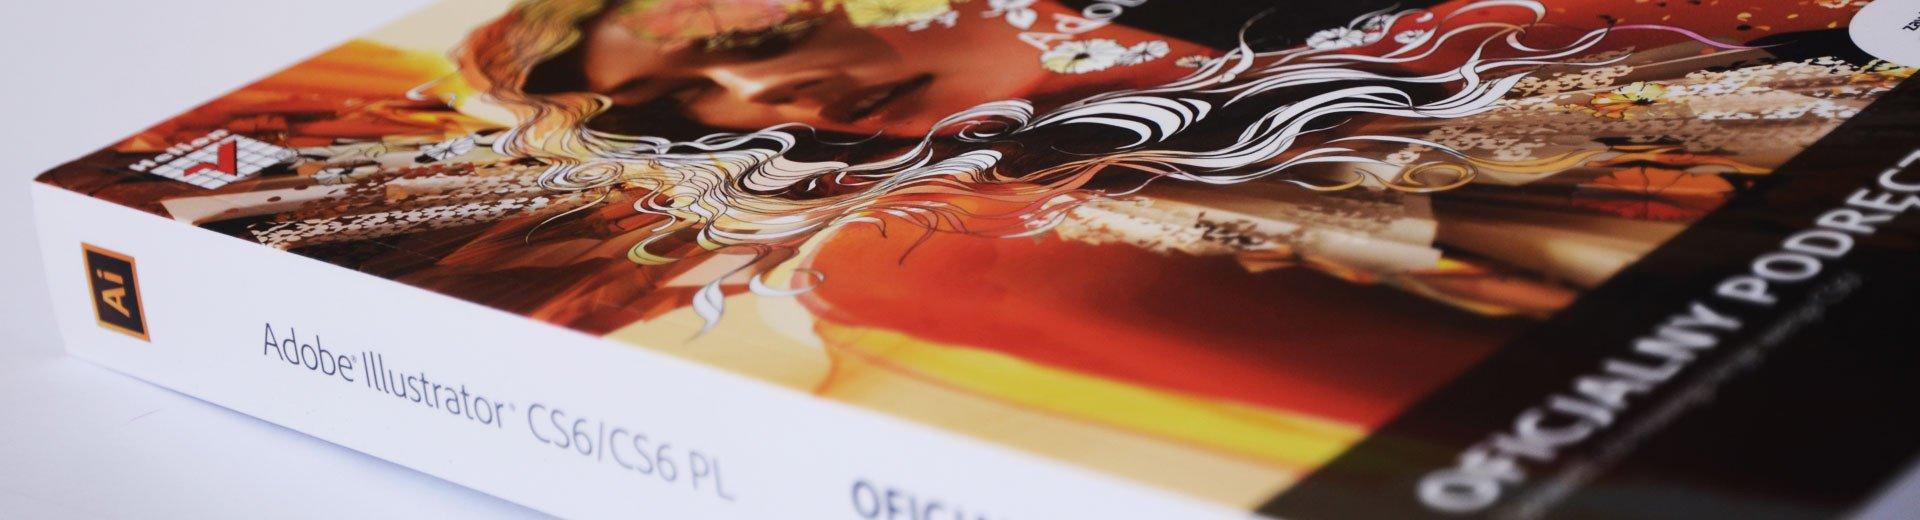 Okładka artykułu Adobe Illustrator CS6/CS6 PL — Oficjalny Podręcznik – recenzja